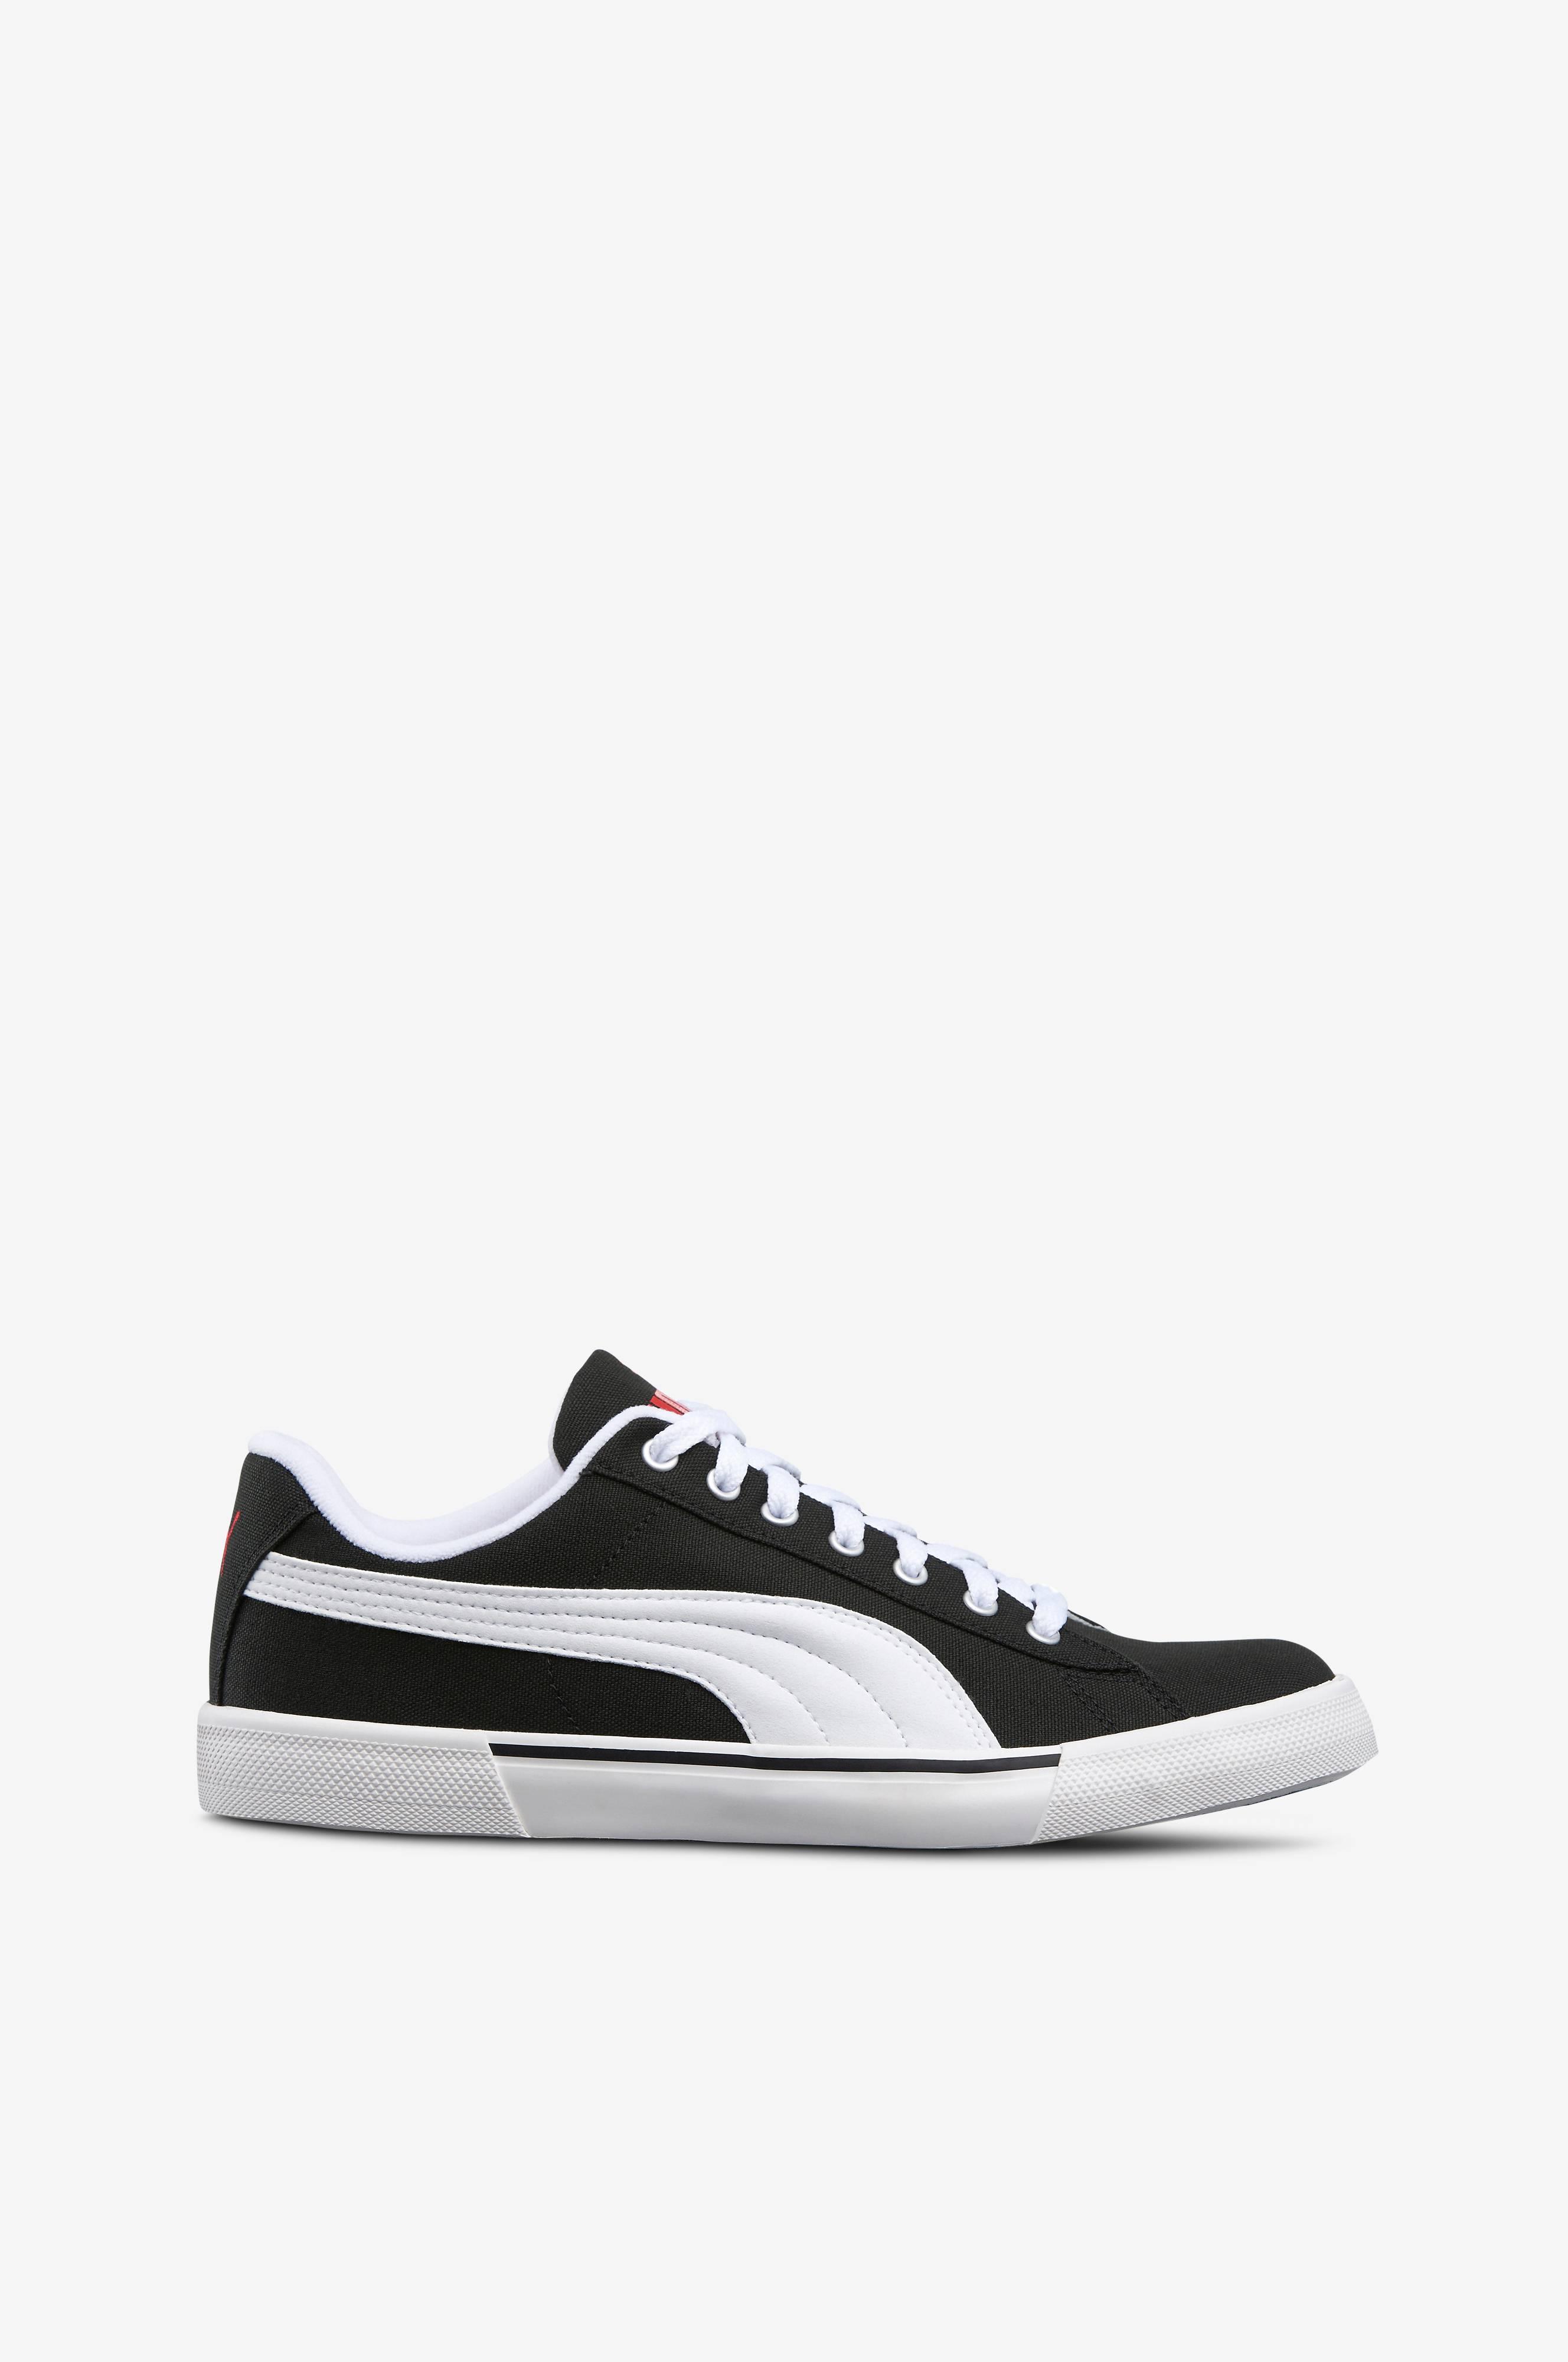 Puma Sneakers Benny Sort Børn Ellosdk